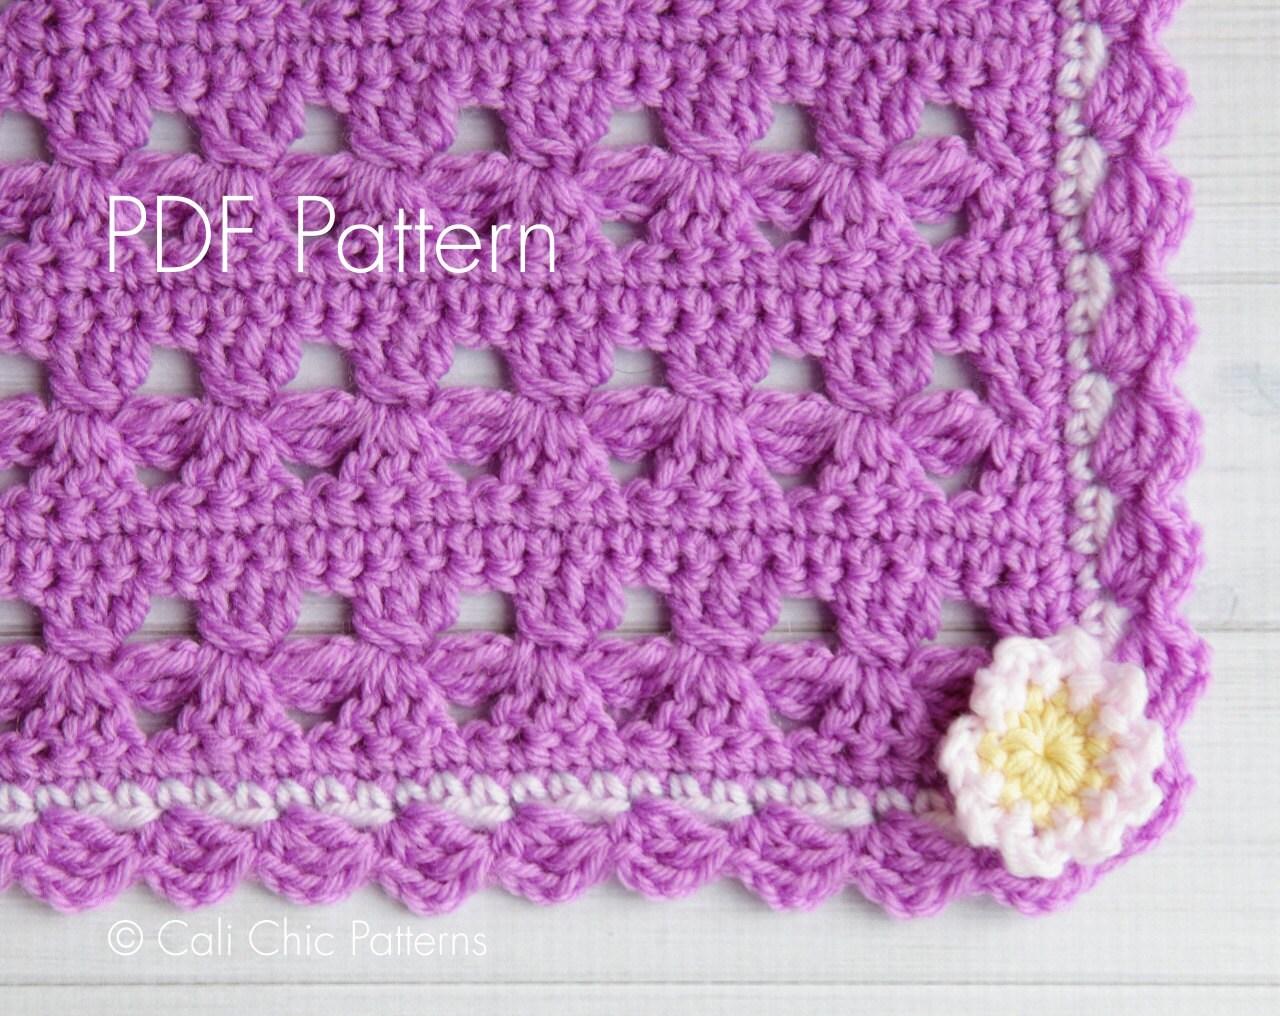 Crochet Daisy Flower Blanket Pattern : Crochet PATTERN Daisy Love Crochet Baby Blanket PATTERN 21